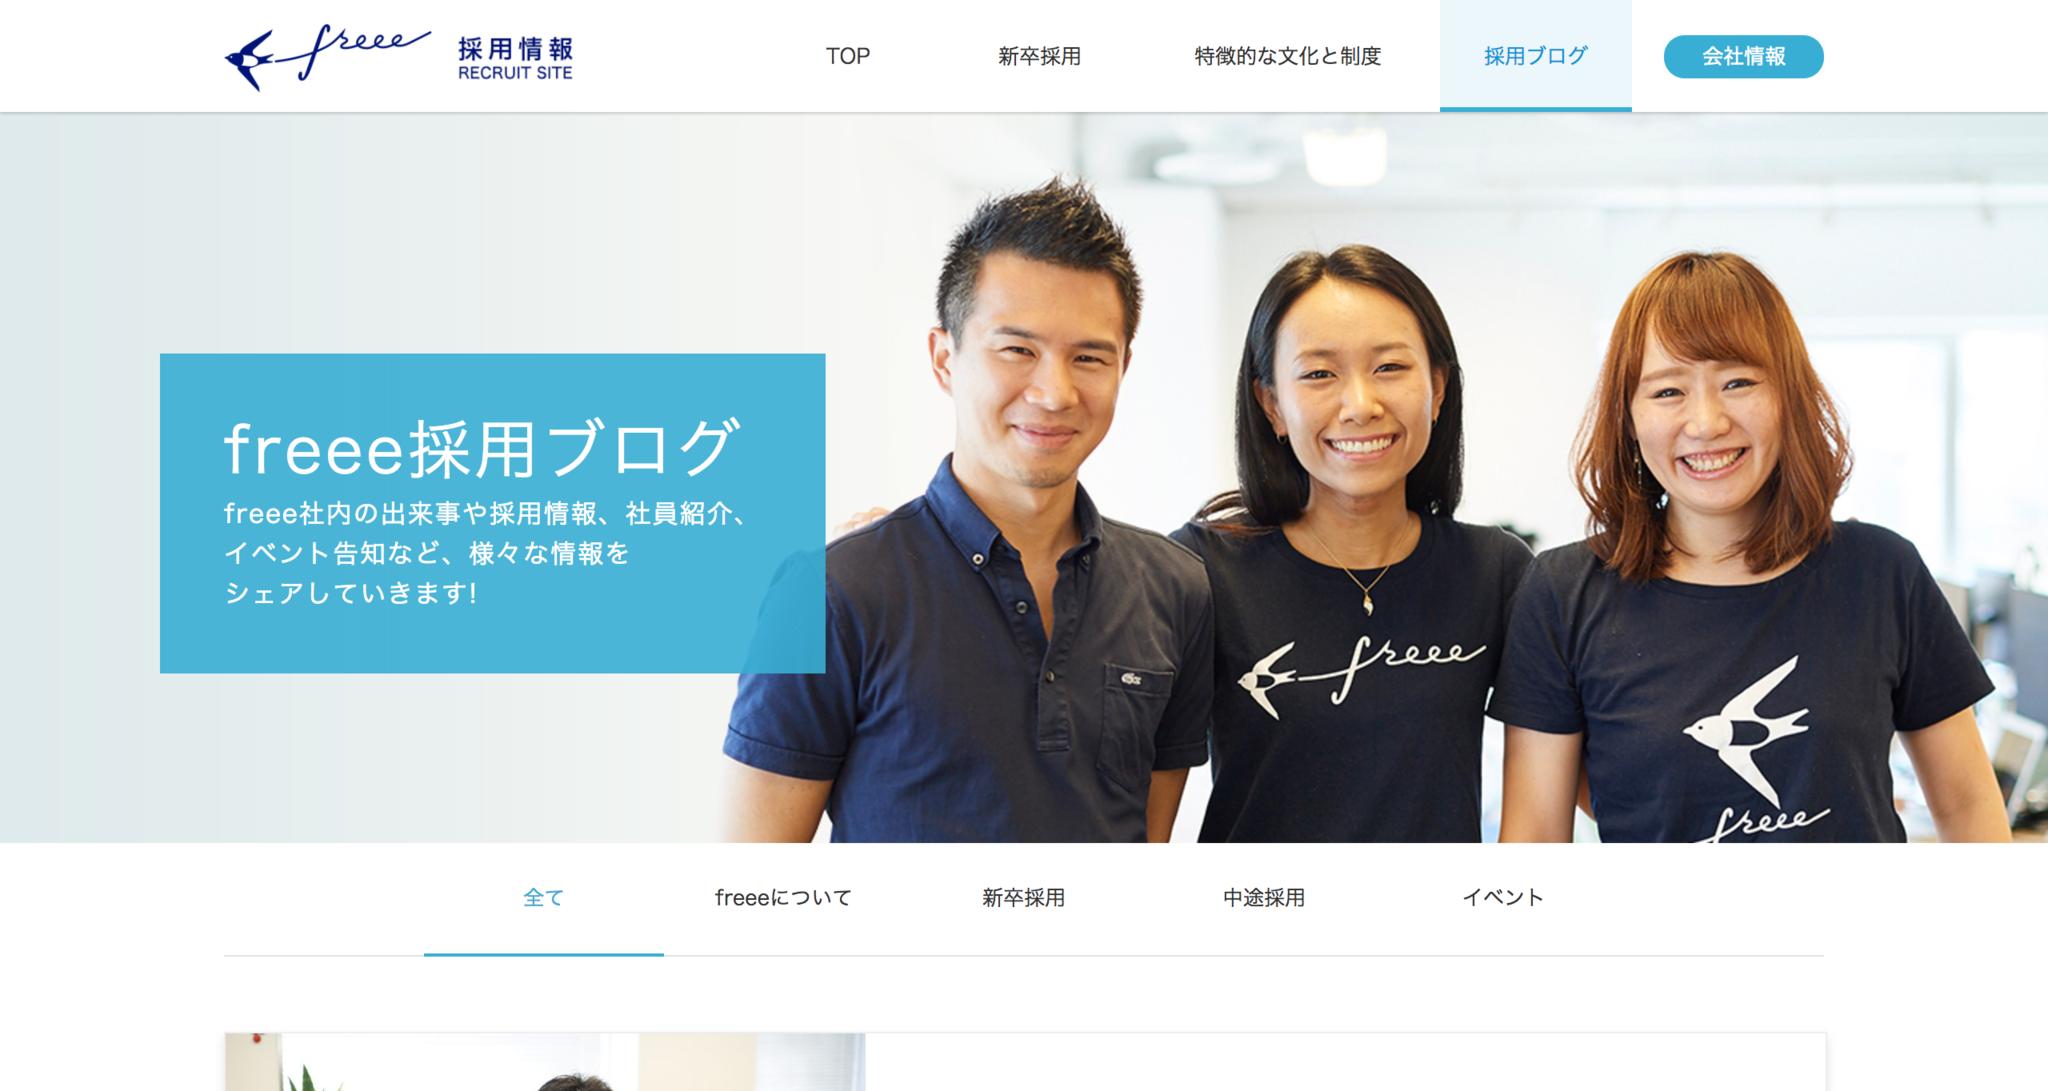 採用ブログ___freee株式会社_採用情報.png